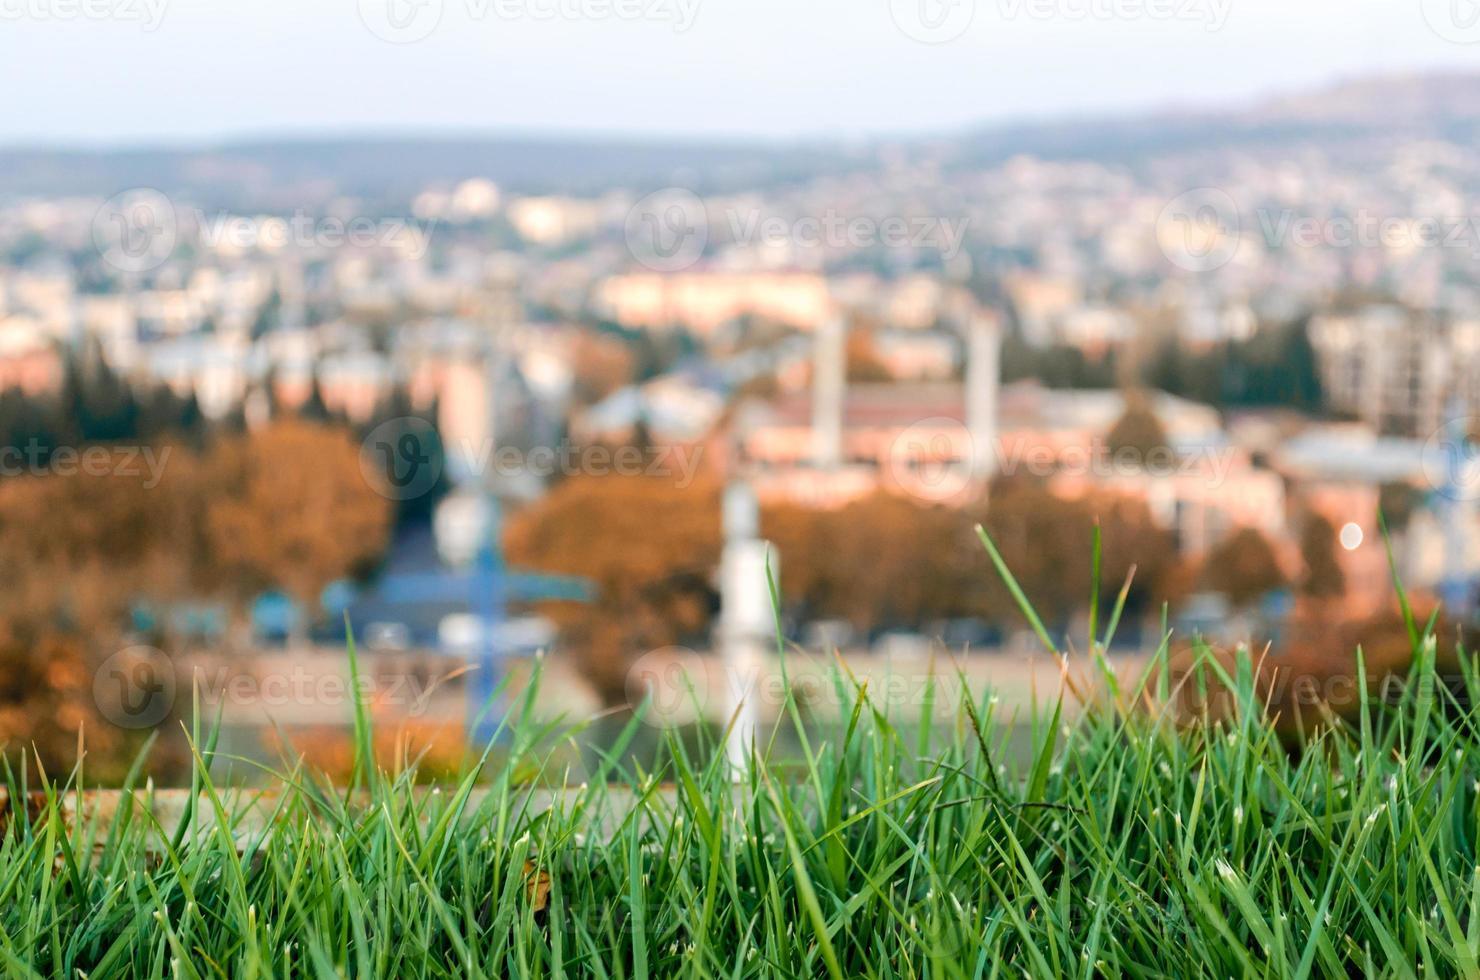 gazon met een stad op de achtergrond foto